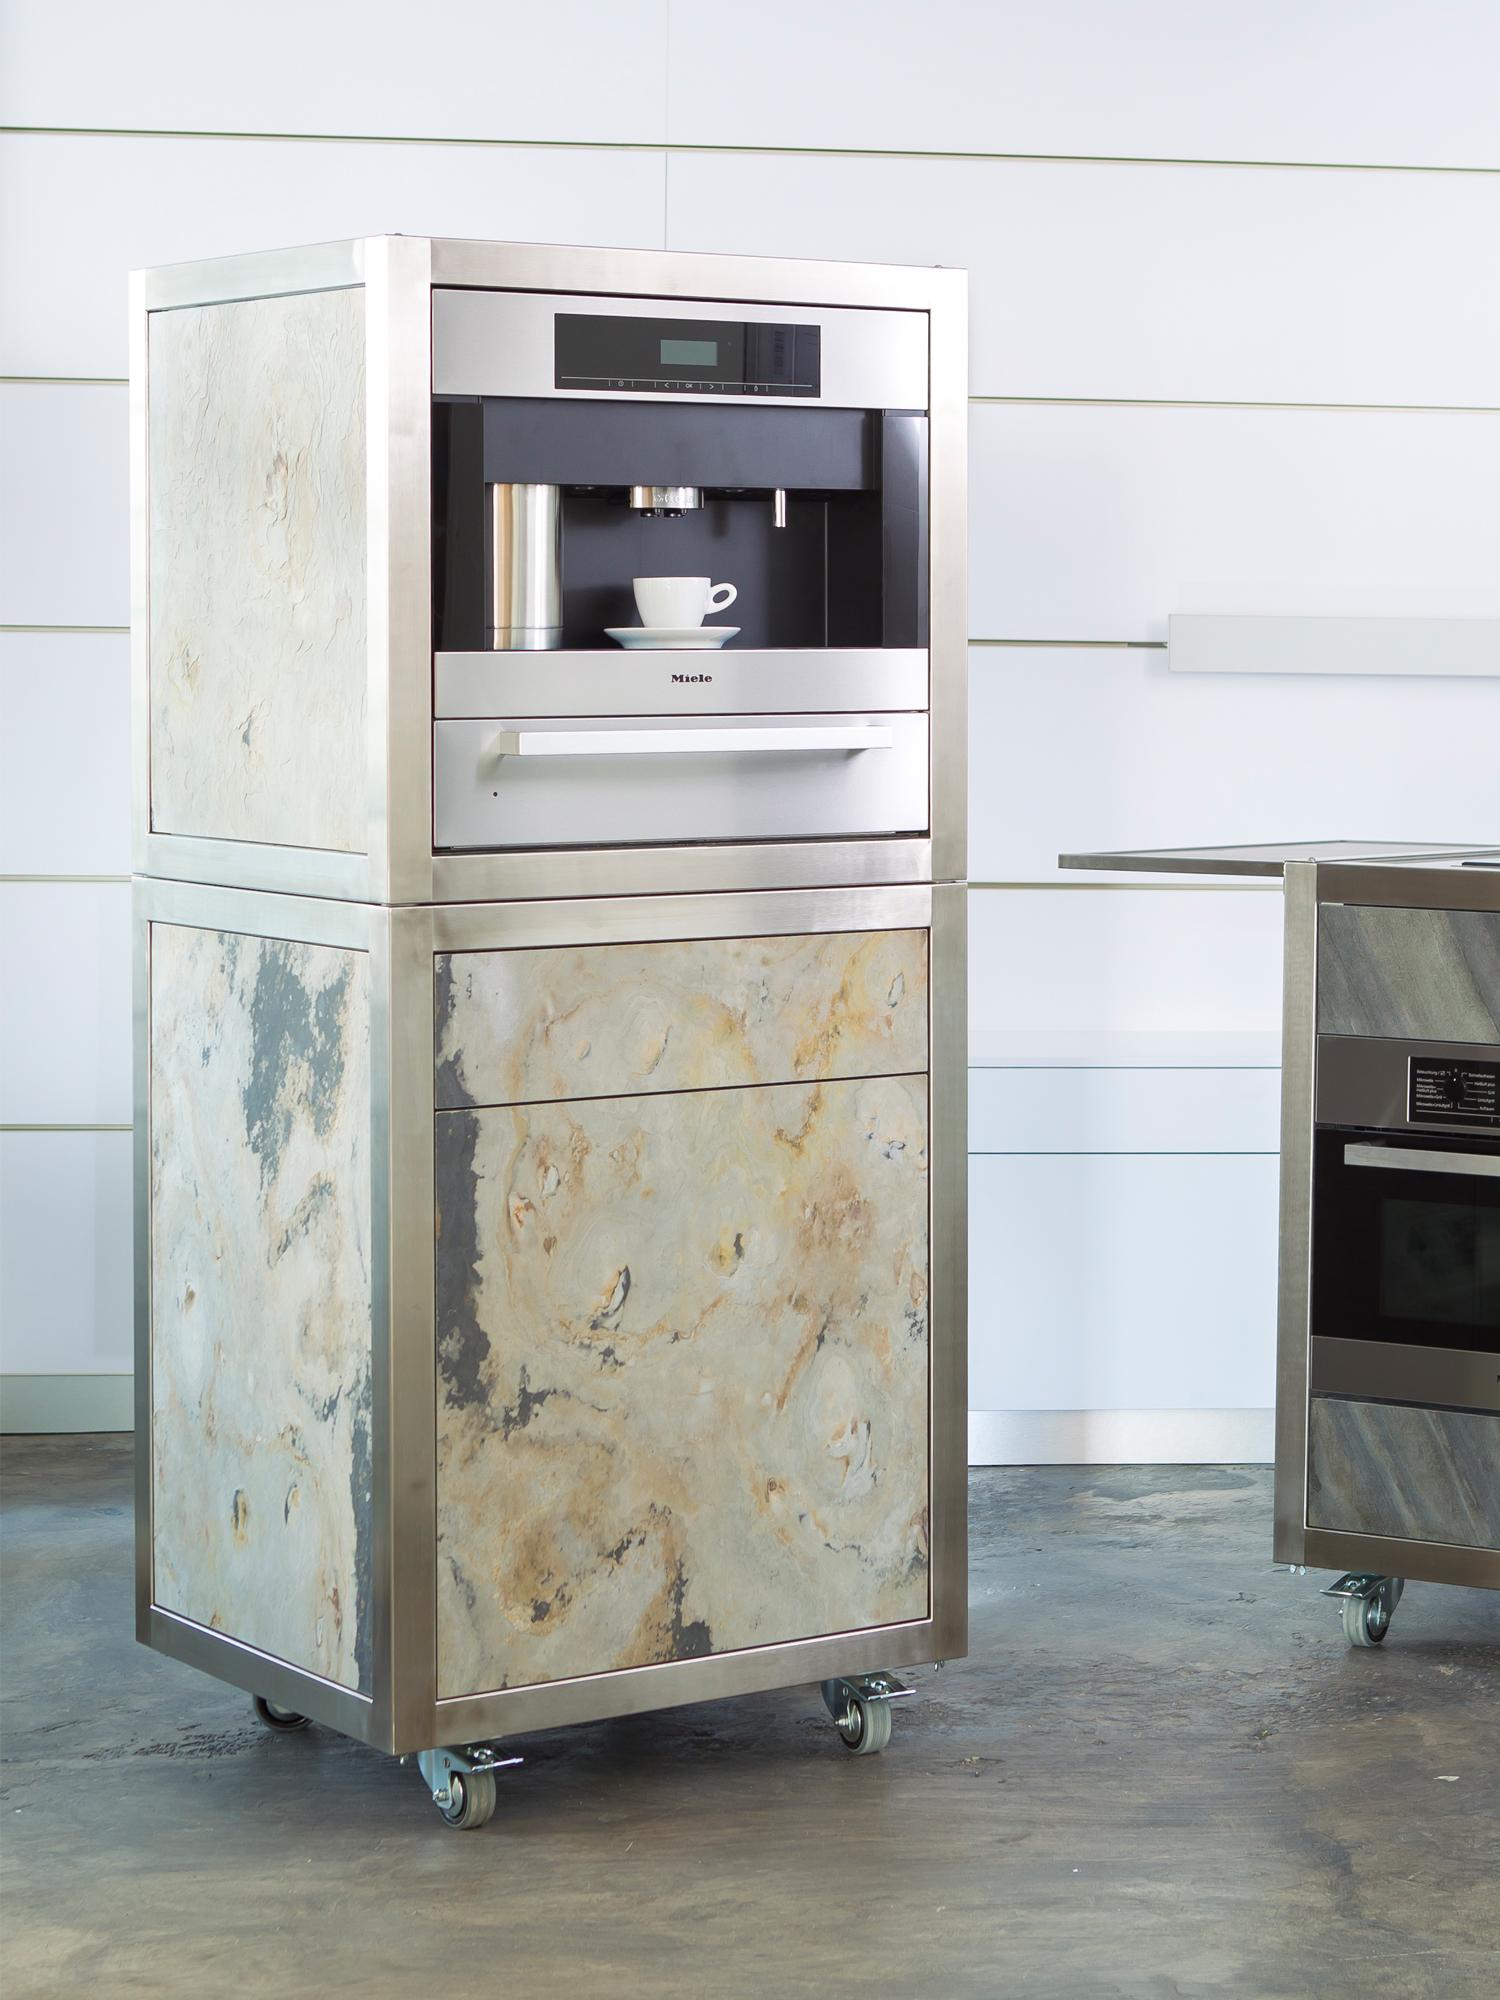 Mobile Küche für Eventgastronomie und Catering | neoculina